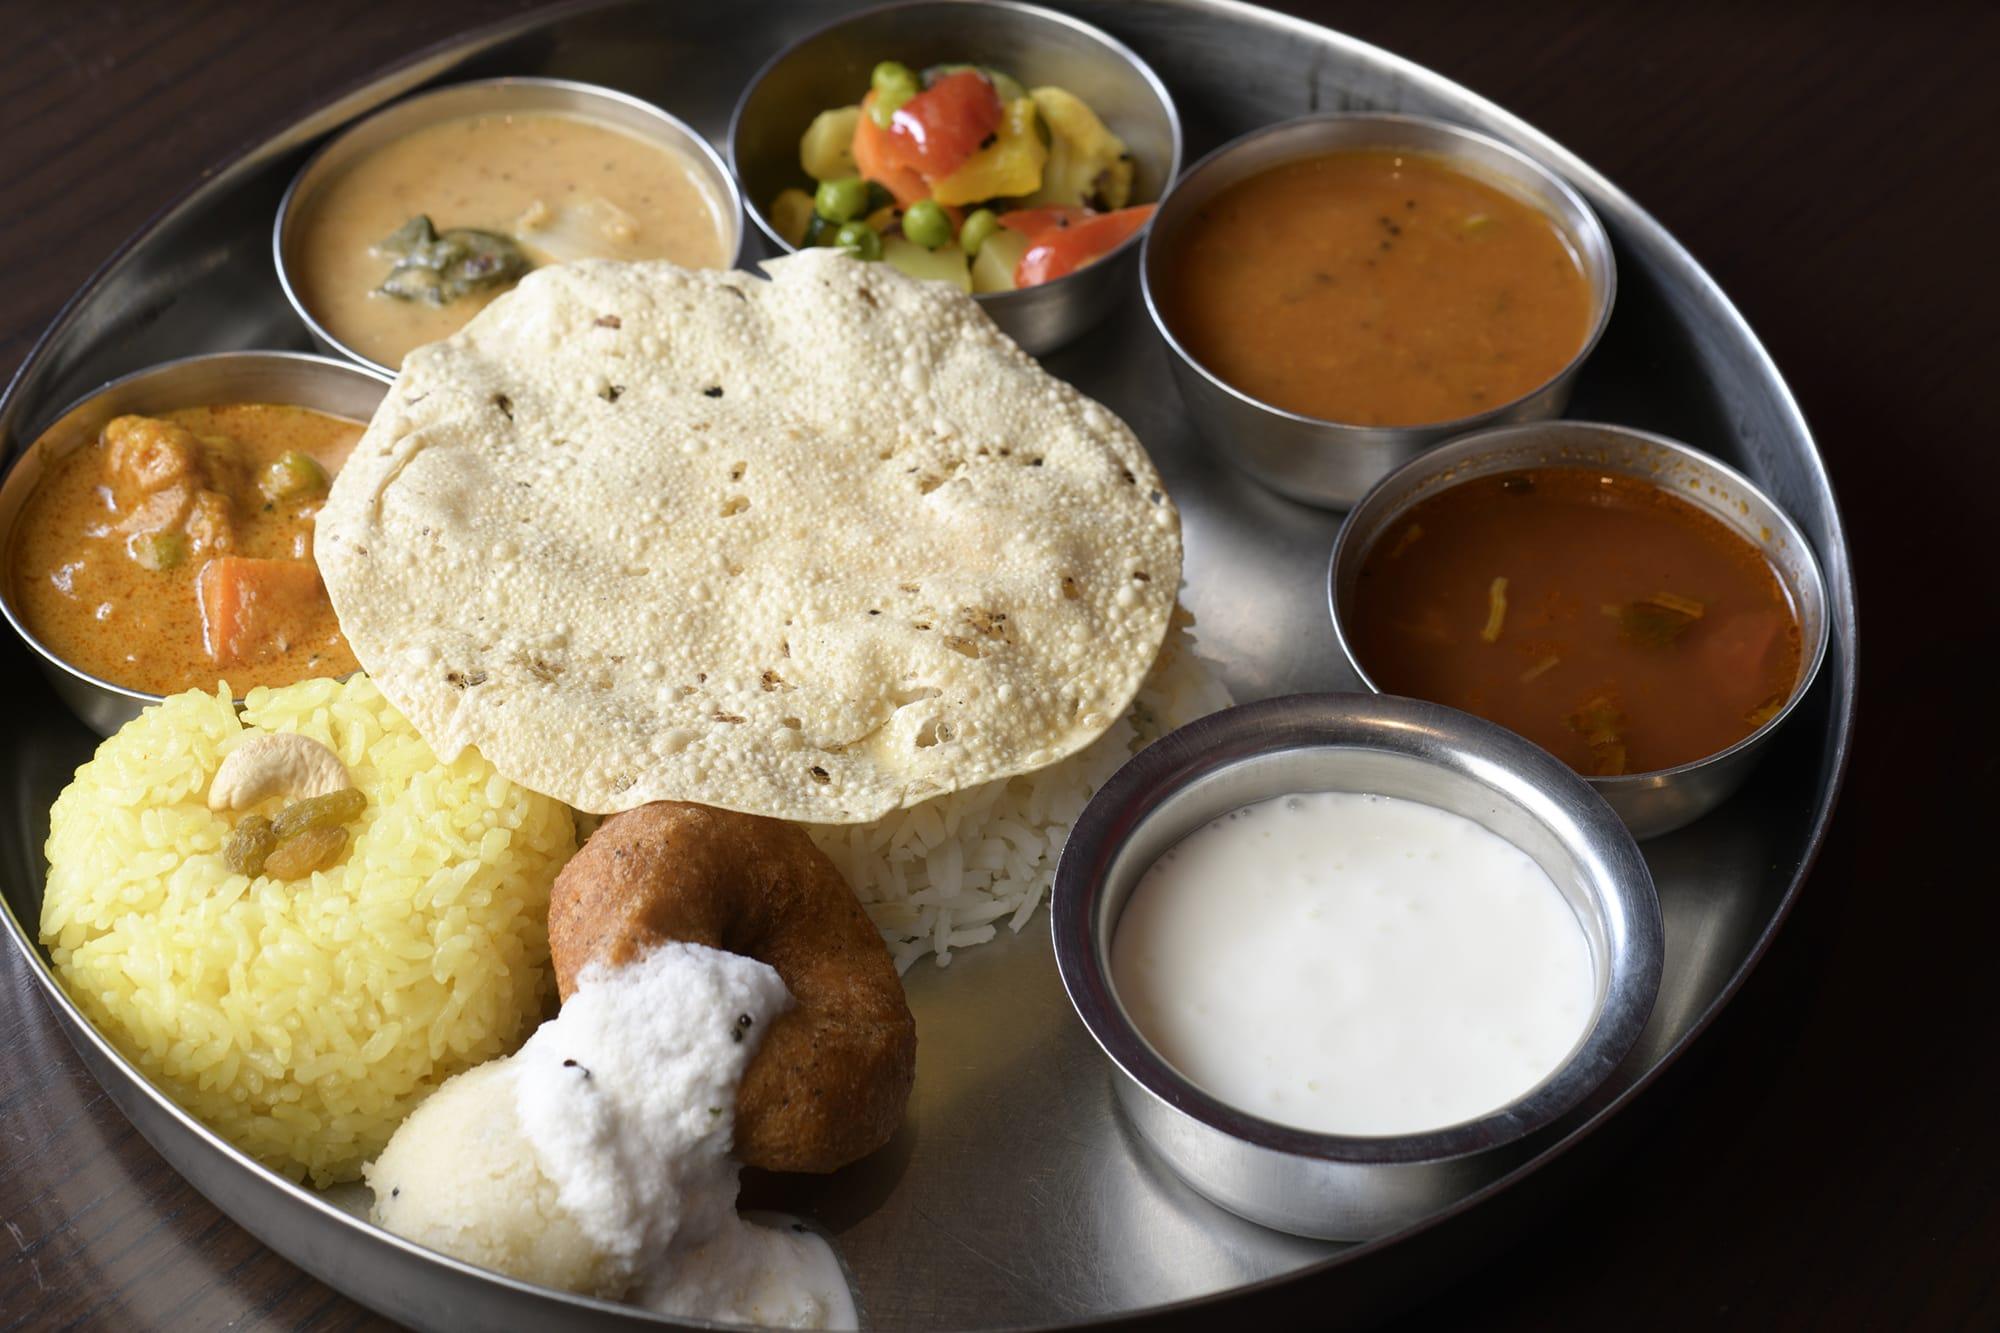 バリエーション豊かな南インド料理がワンプレートになった「ミールス」。